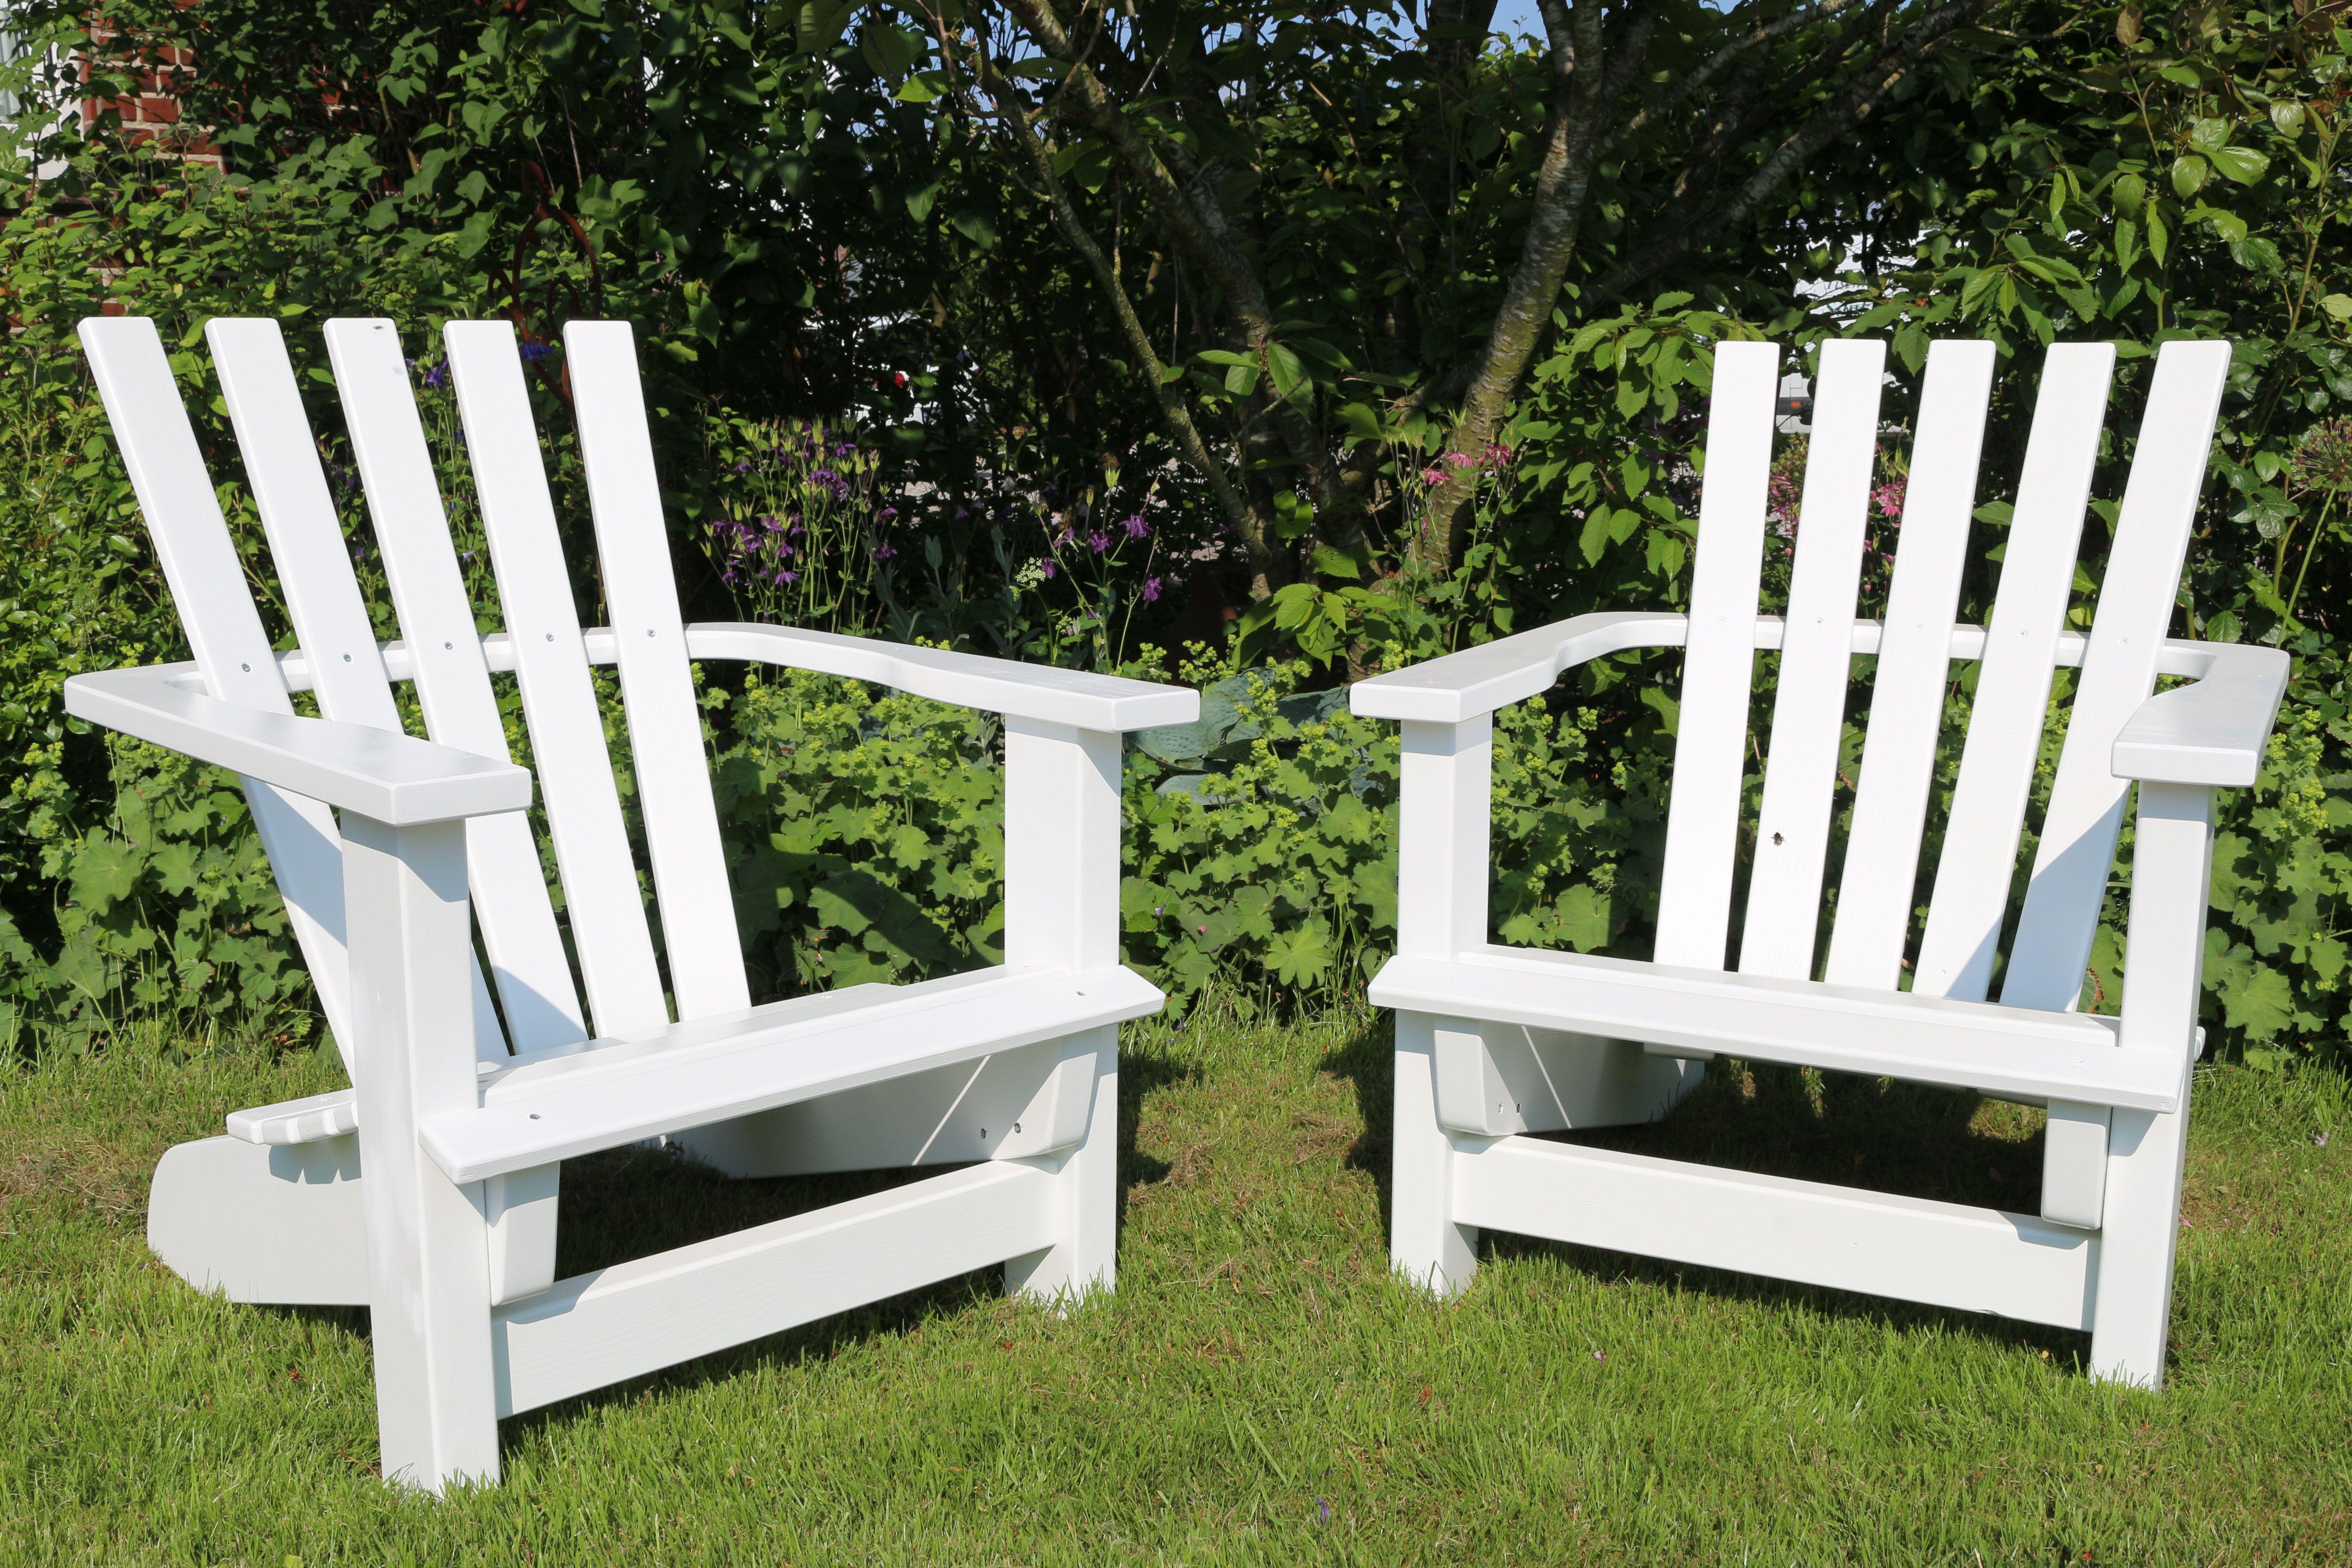 Gartensessel In Entspannter Halbsitzposition In Weiss